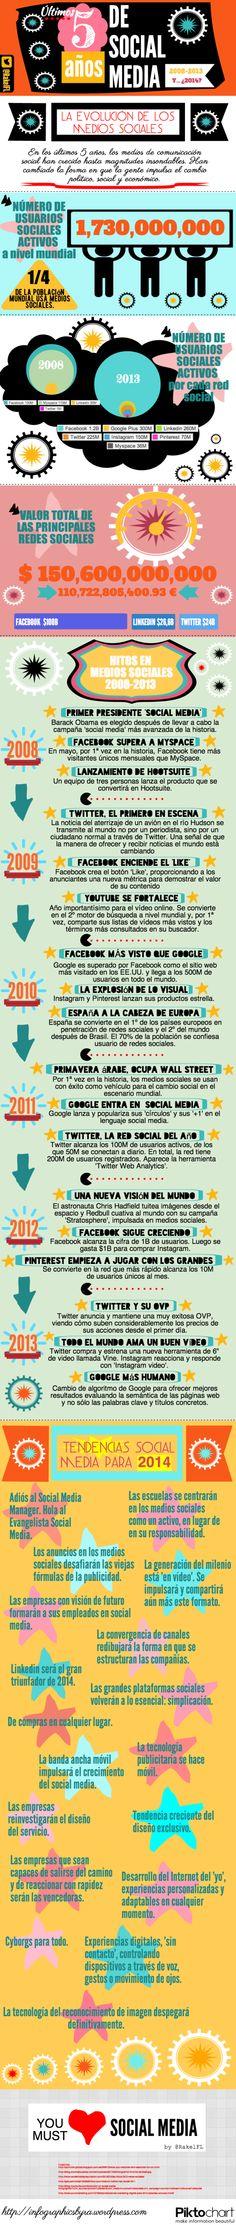 #Infografia #RedesSociales 5 años de social media 2008-2013 y tendencias 2014.  #TAVnews